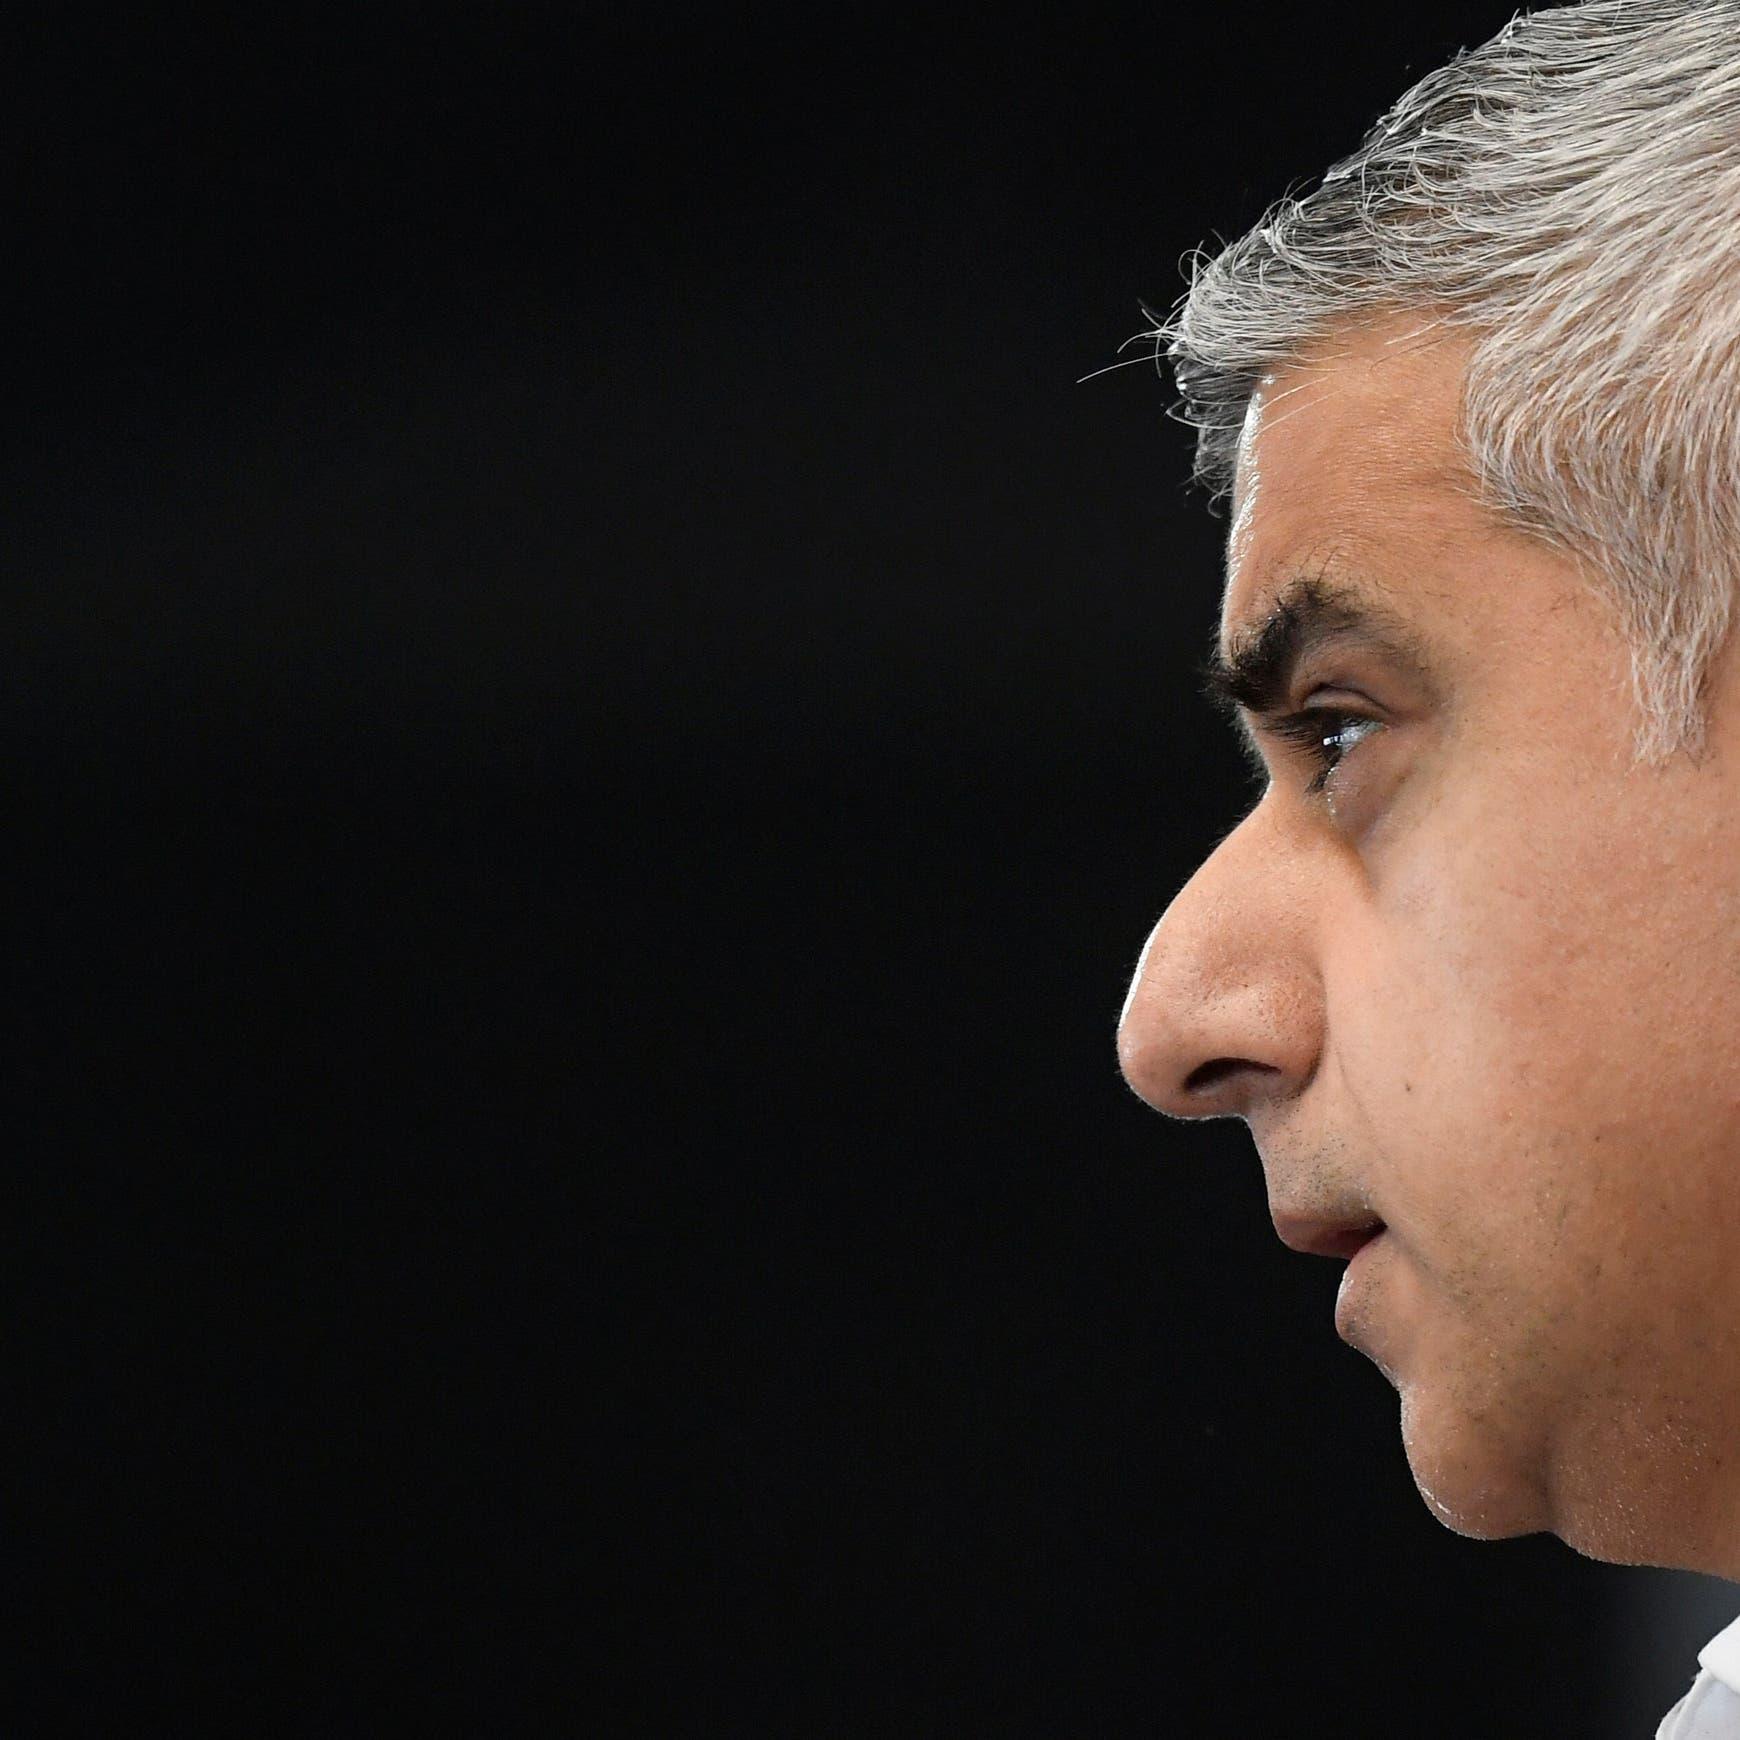 رئيس بلدية لندن: بعيدون تماماً عن رفع إجراءات العزل